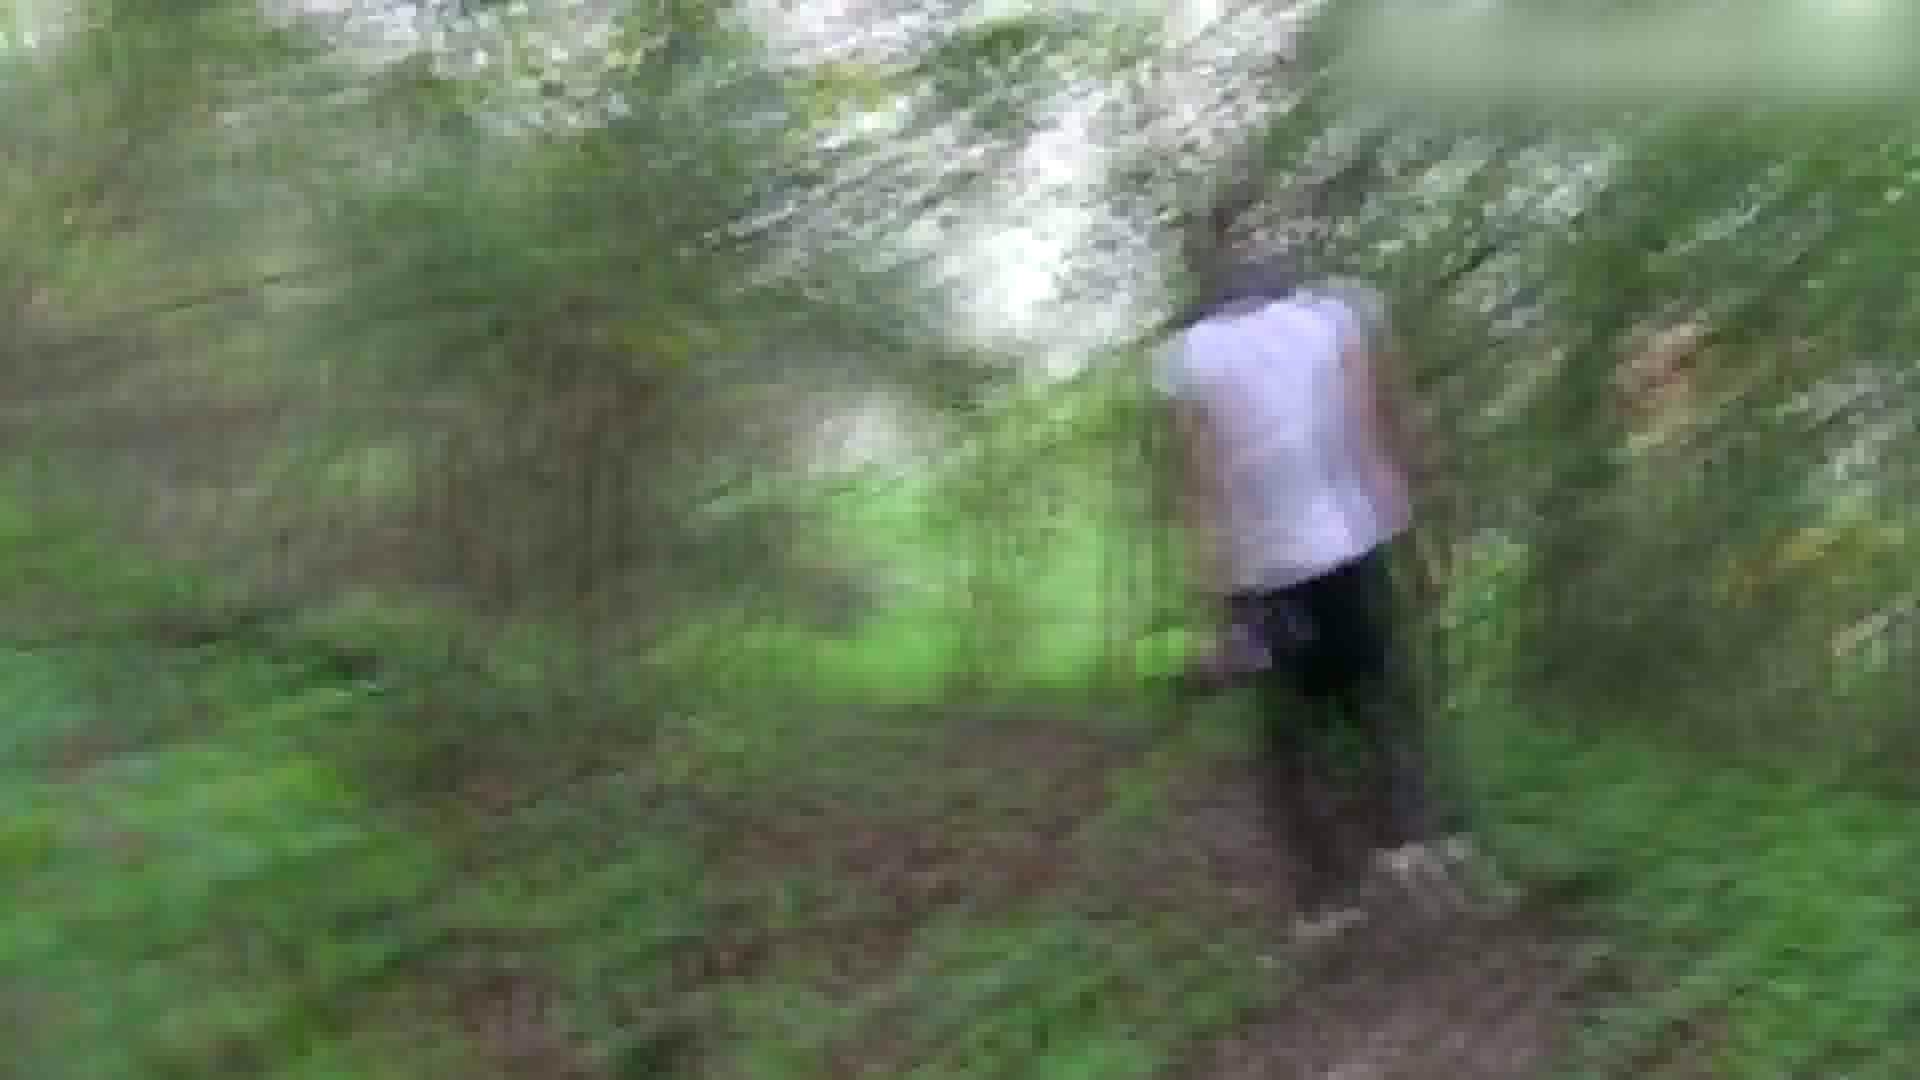 ユーロナンパ!イケメン外人さんGET!!Season4 vol01 ゲイのオナニー ゲイアダルト画像 10画像 3